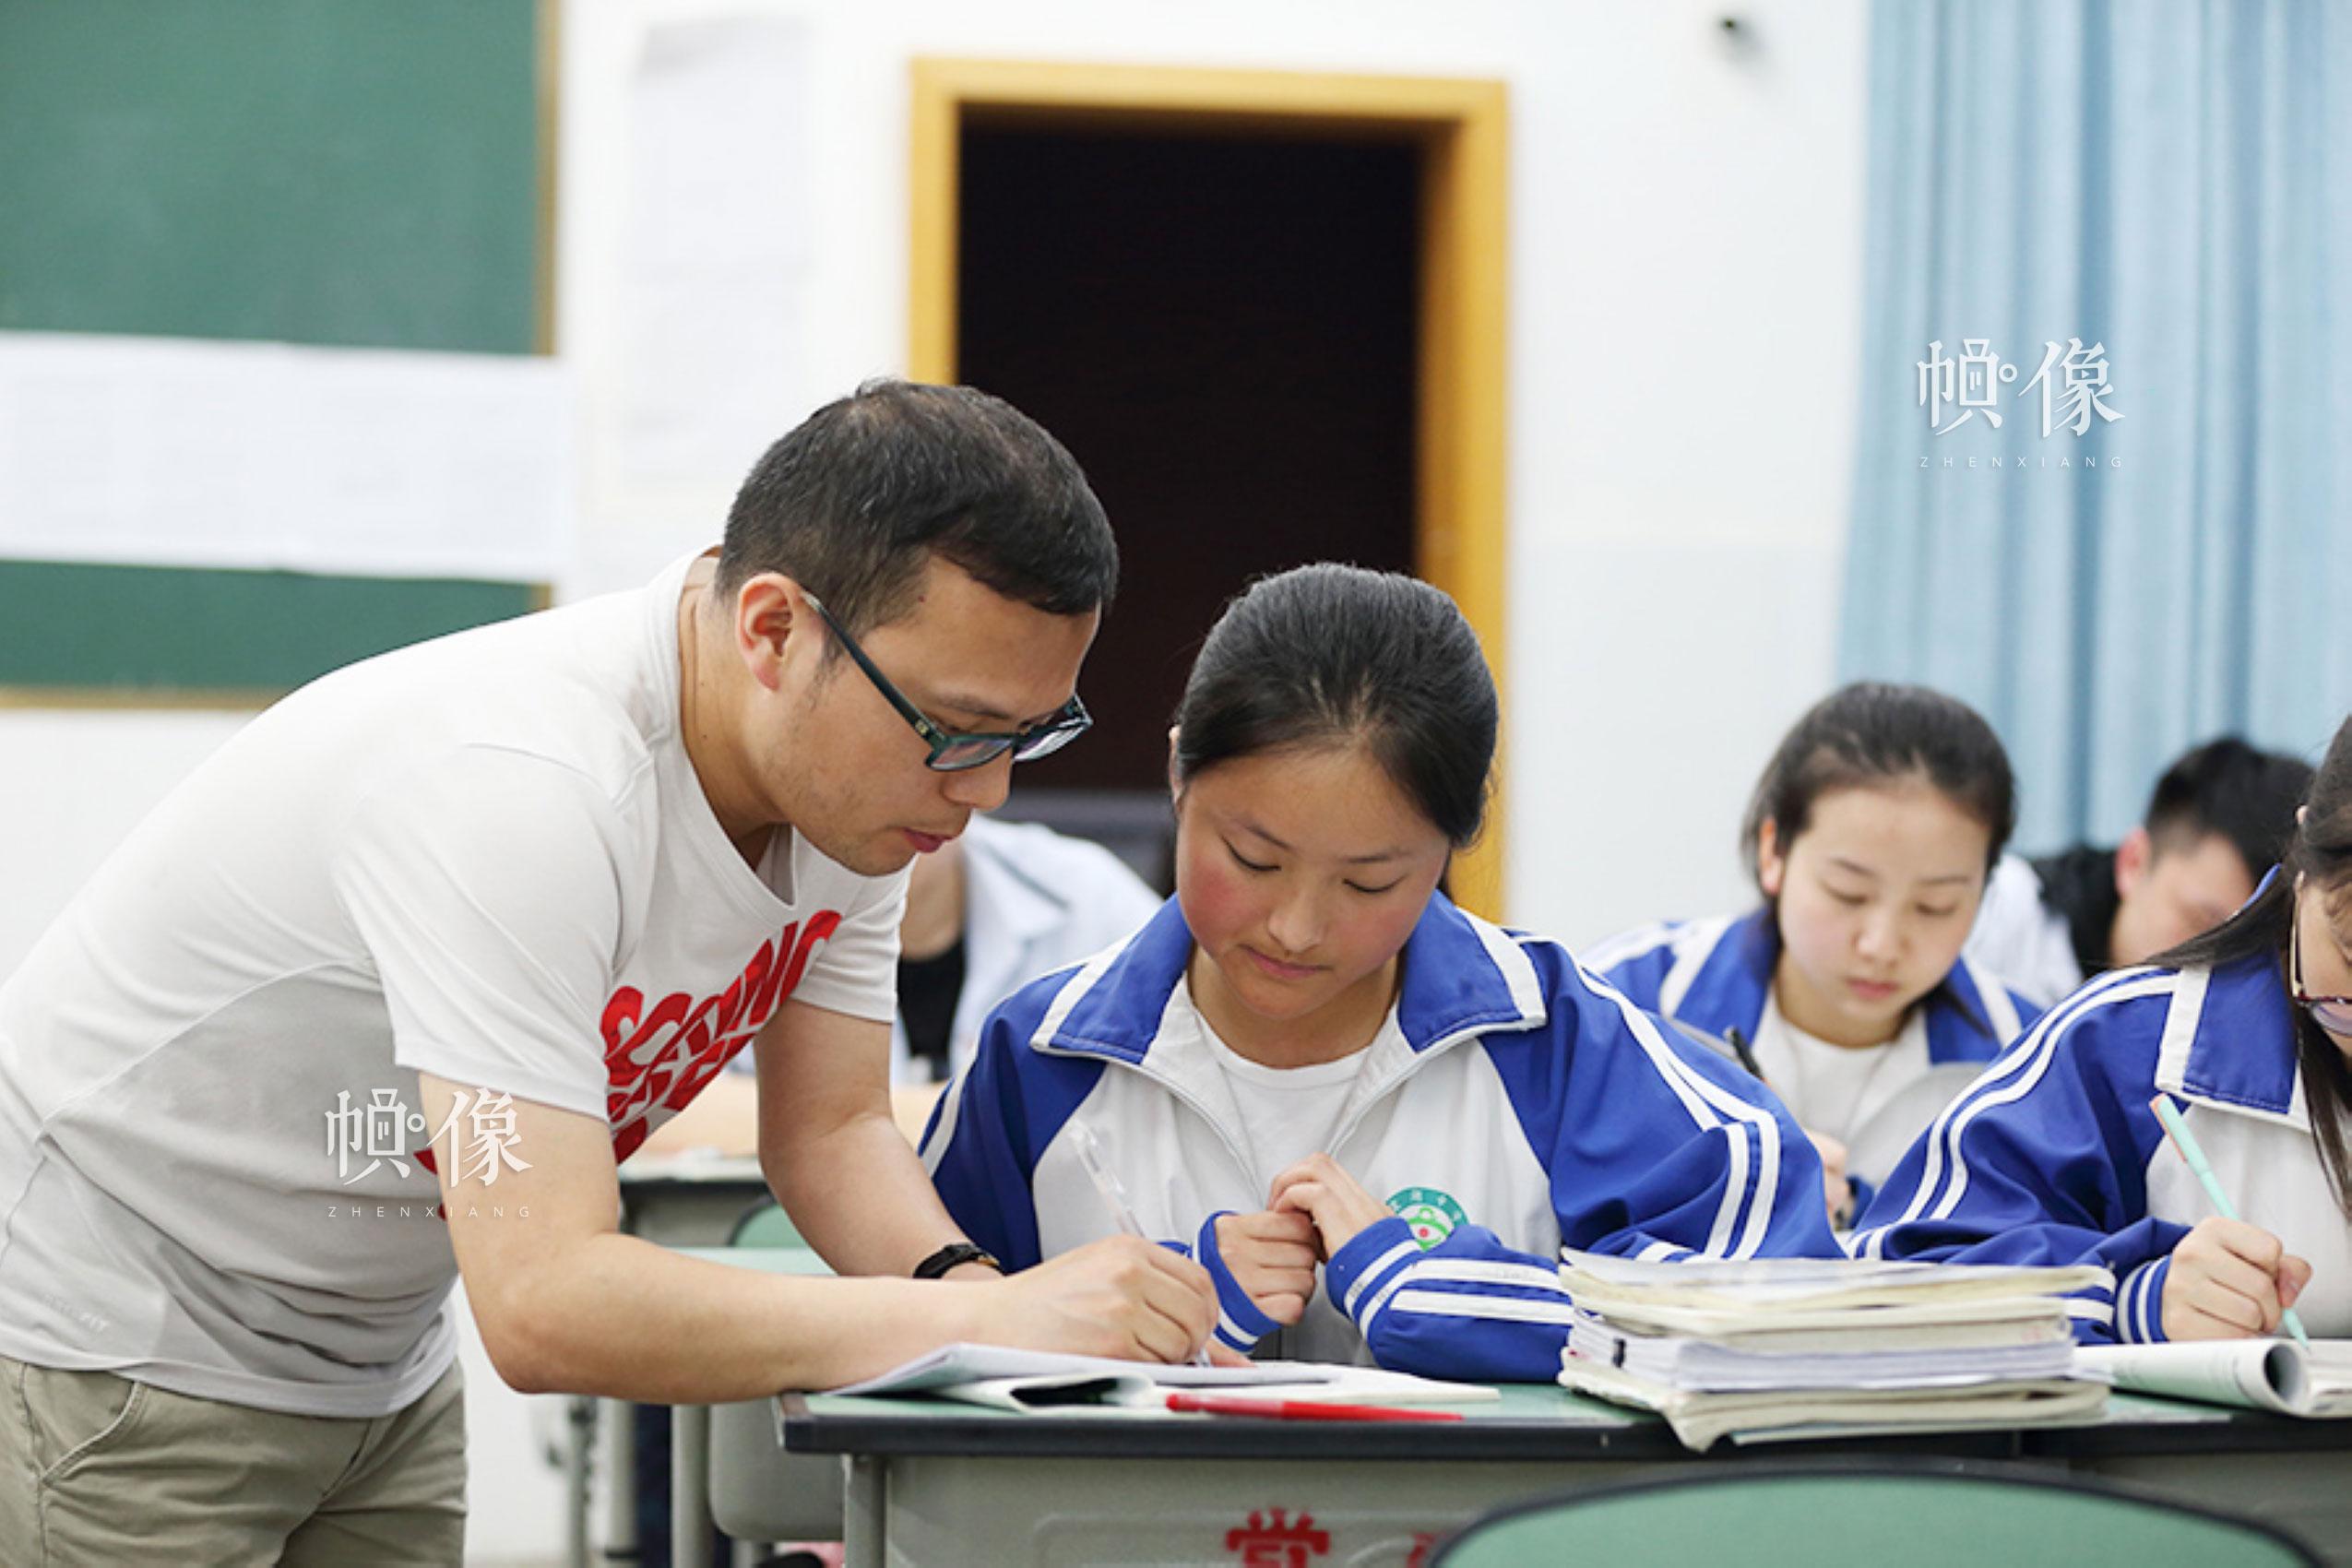 2018年4月,四川成都双流的棠湖中学,班主任廖小强在辅导来自安康家园的小恒数学。小恒今年即将迎来高考。中国网记者 陈维松 摄